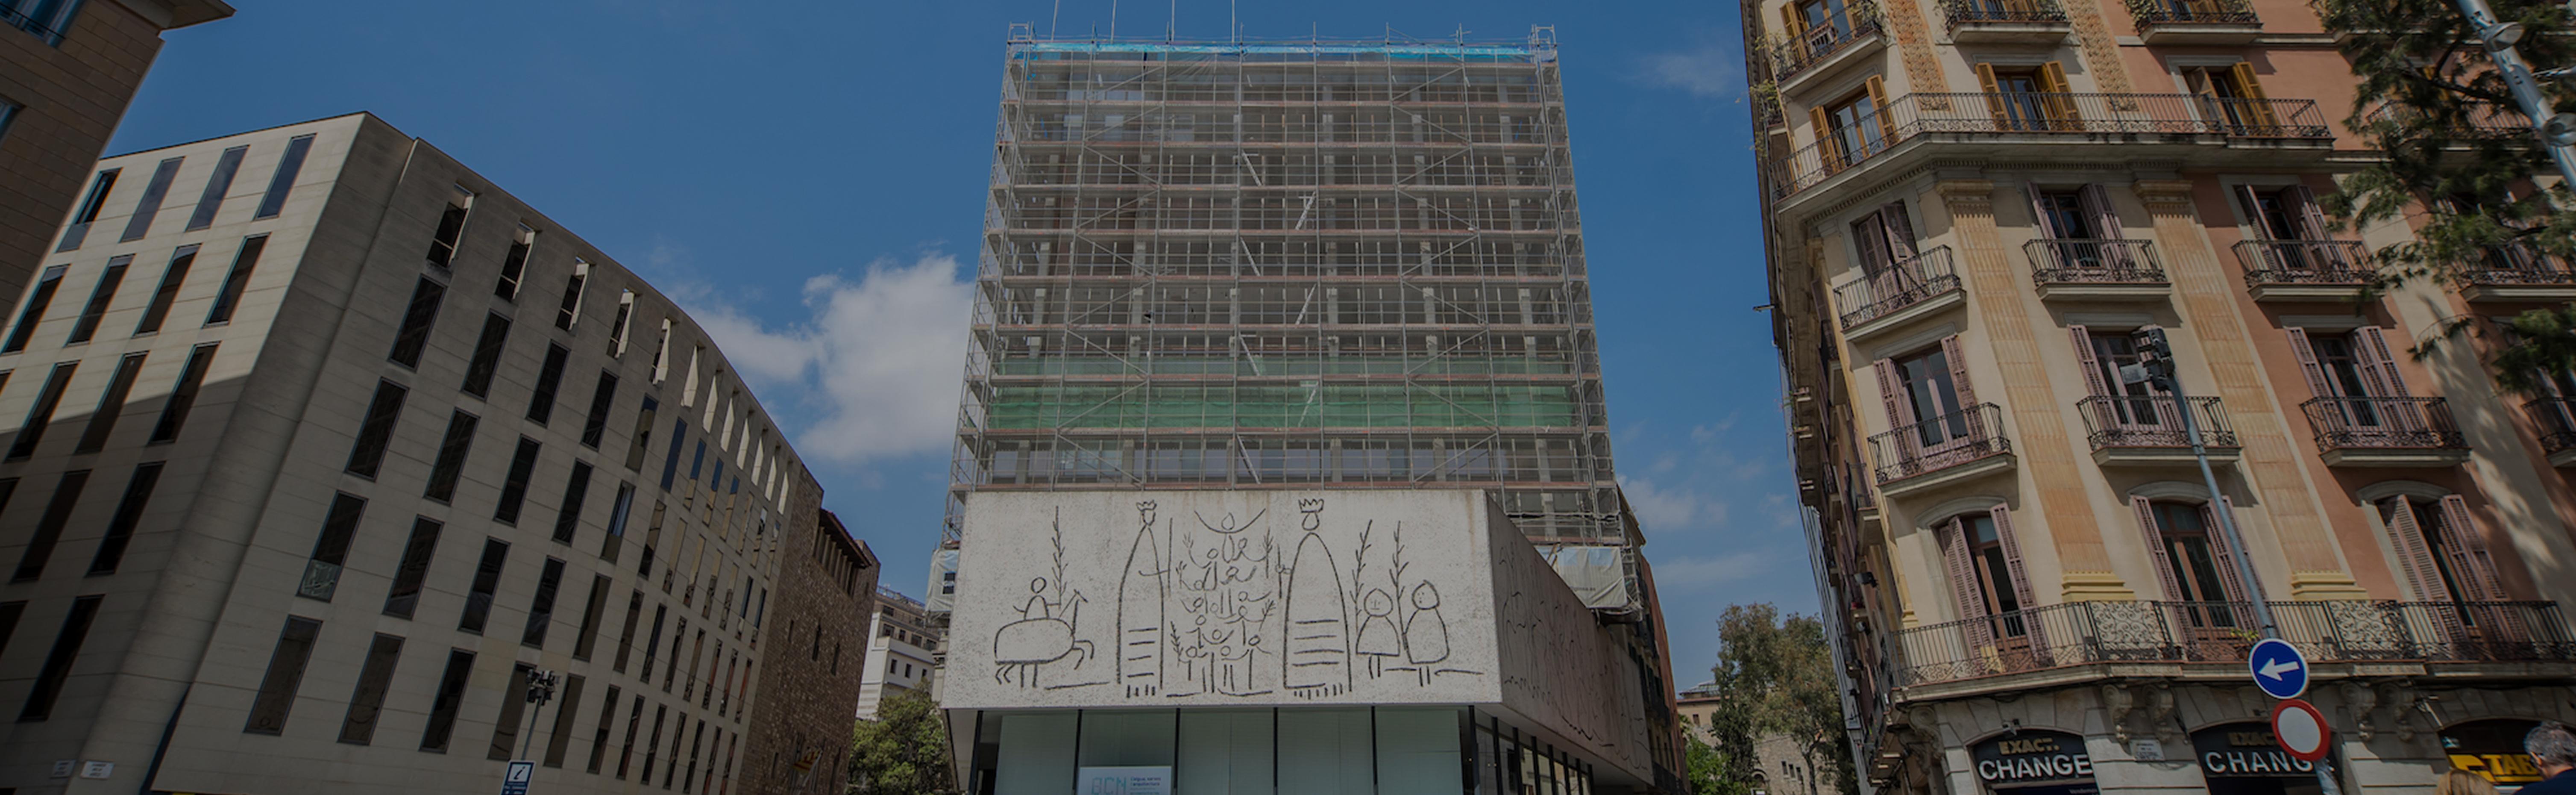 Vidresif vidre laminat vidres proteccio solar vidres - Colegio arquitectos barcelona ...